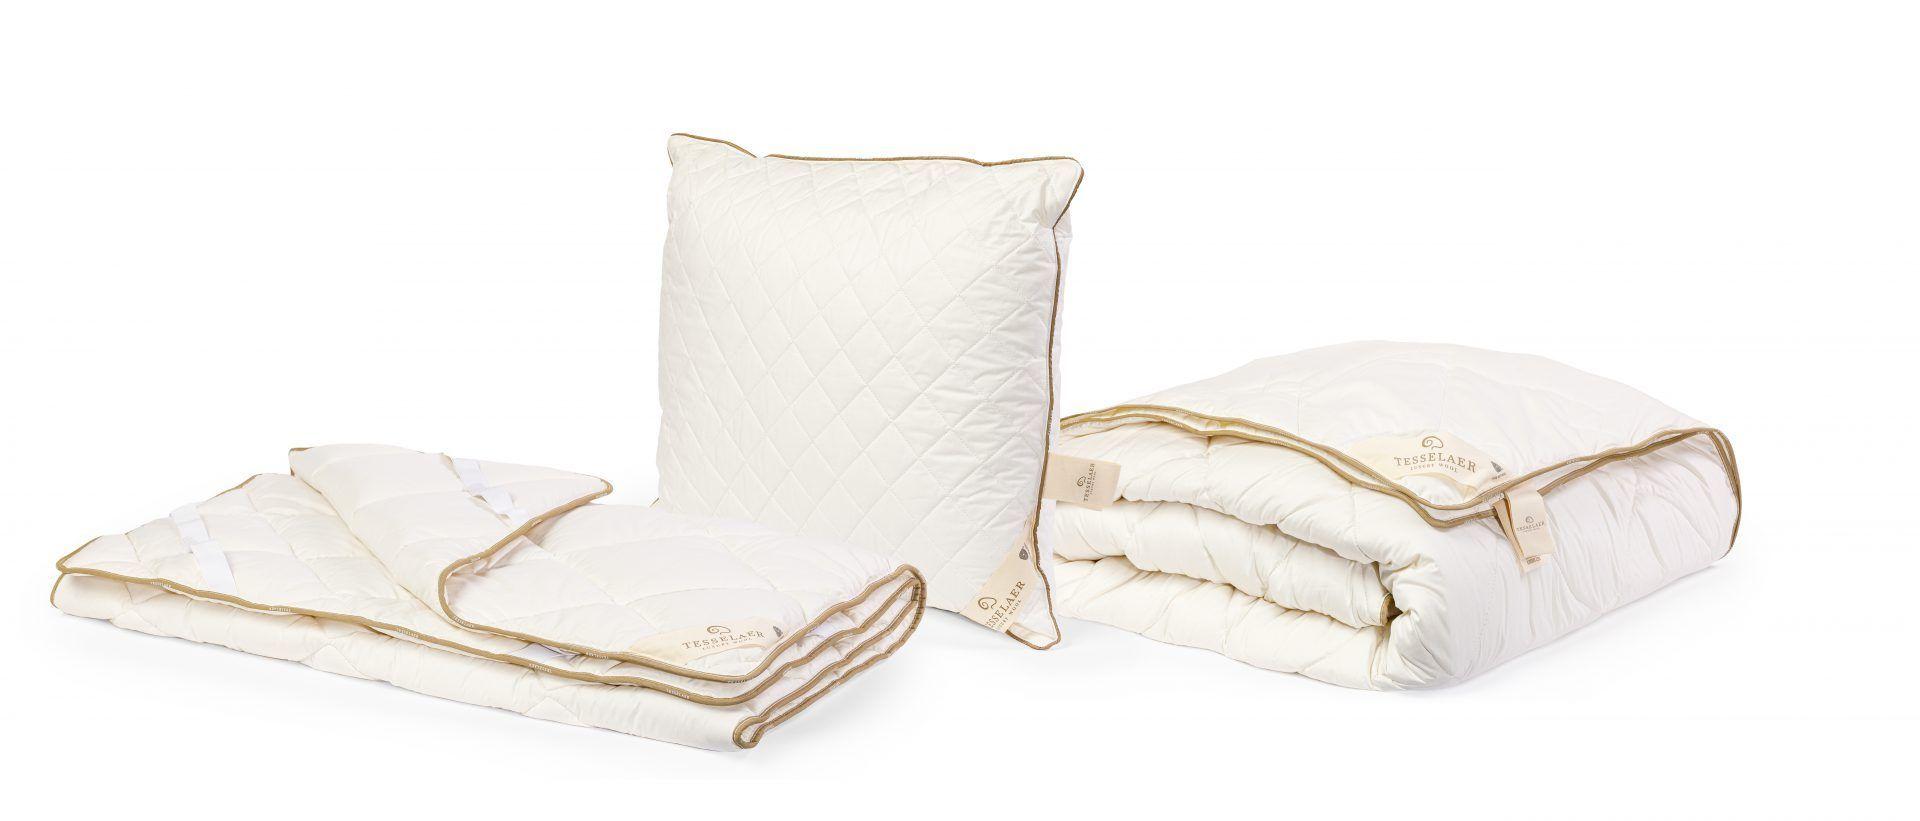 Tesselaar wollen dekbed, hoofdkussen en onderdeken